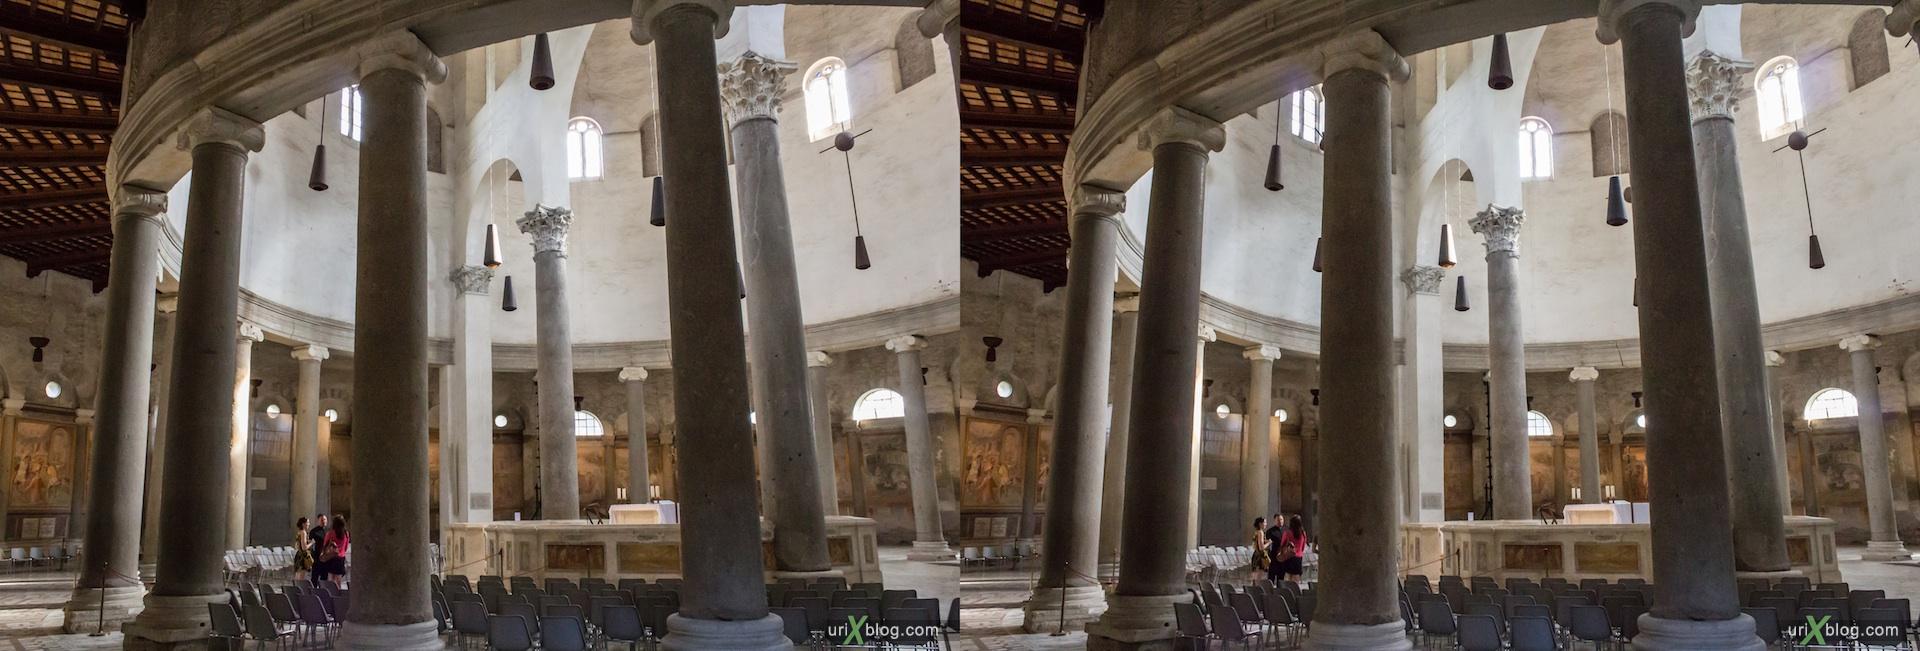 2012, церковь Санто-Стефано-Ротондо, собор, христианство, католичество, Рим, Италия, осень, 3D, перекрёстные стереопары, стерео, стереопара, стереопары